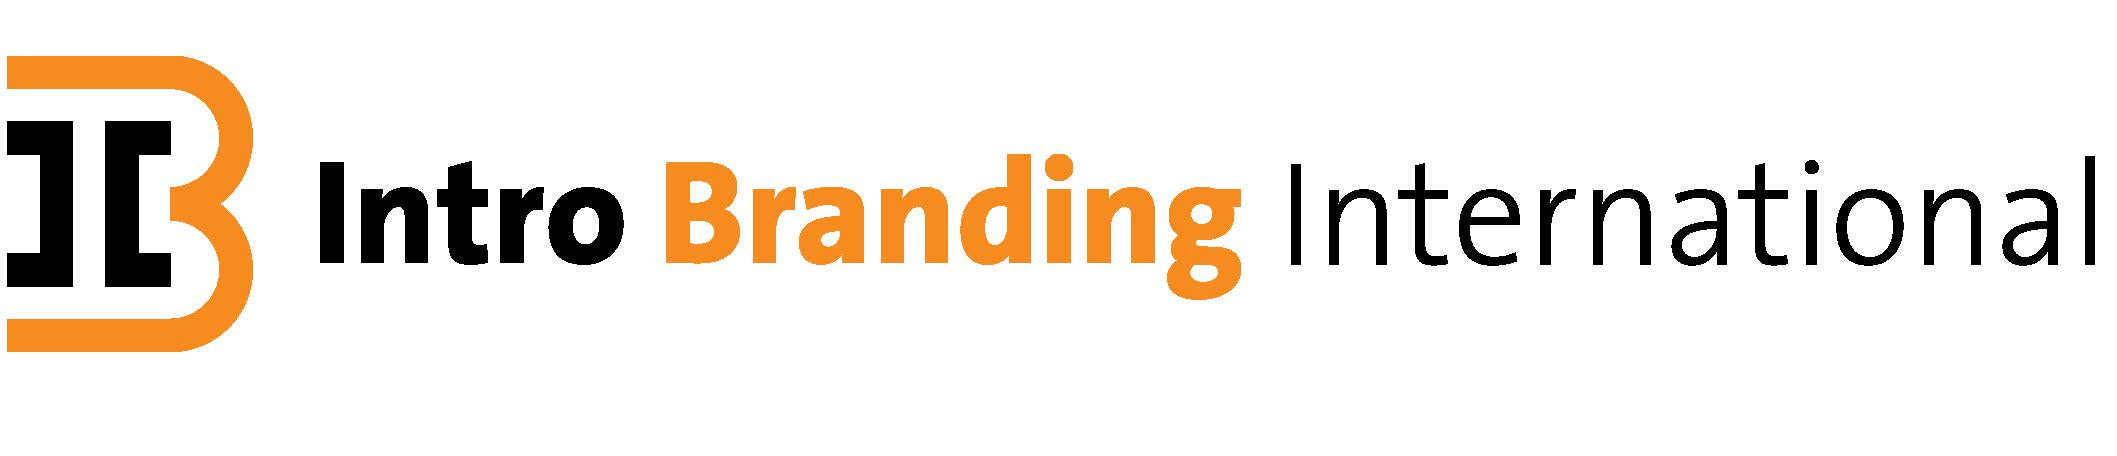 Intro Branding |